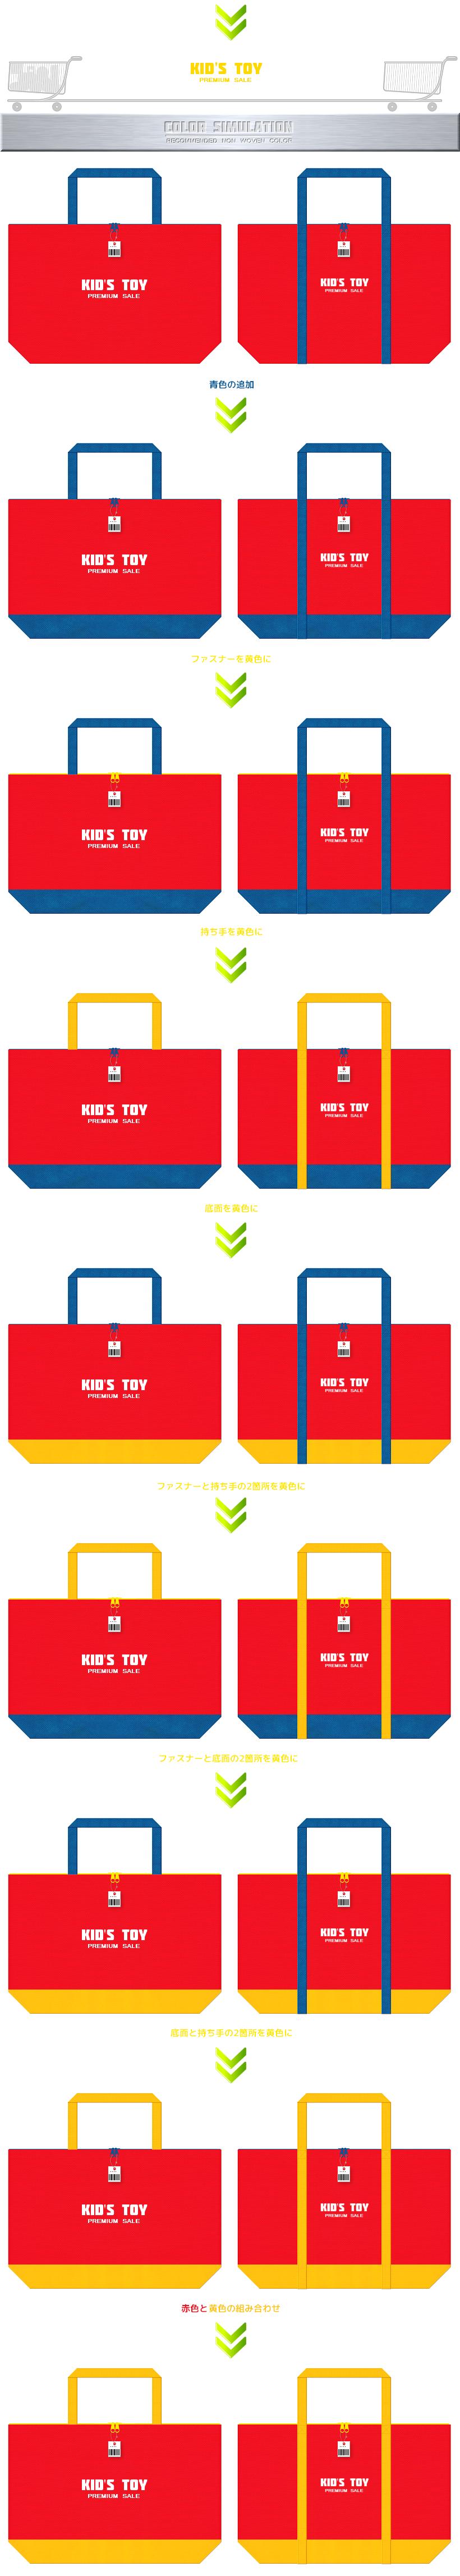 赤色・青色・黄色の不織布を使用した不織布ショッピングバッグのデザイン(ファスナー付き):おもちゃのプレミアムセール用バッグ・福袋